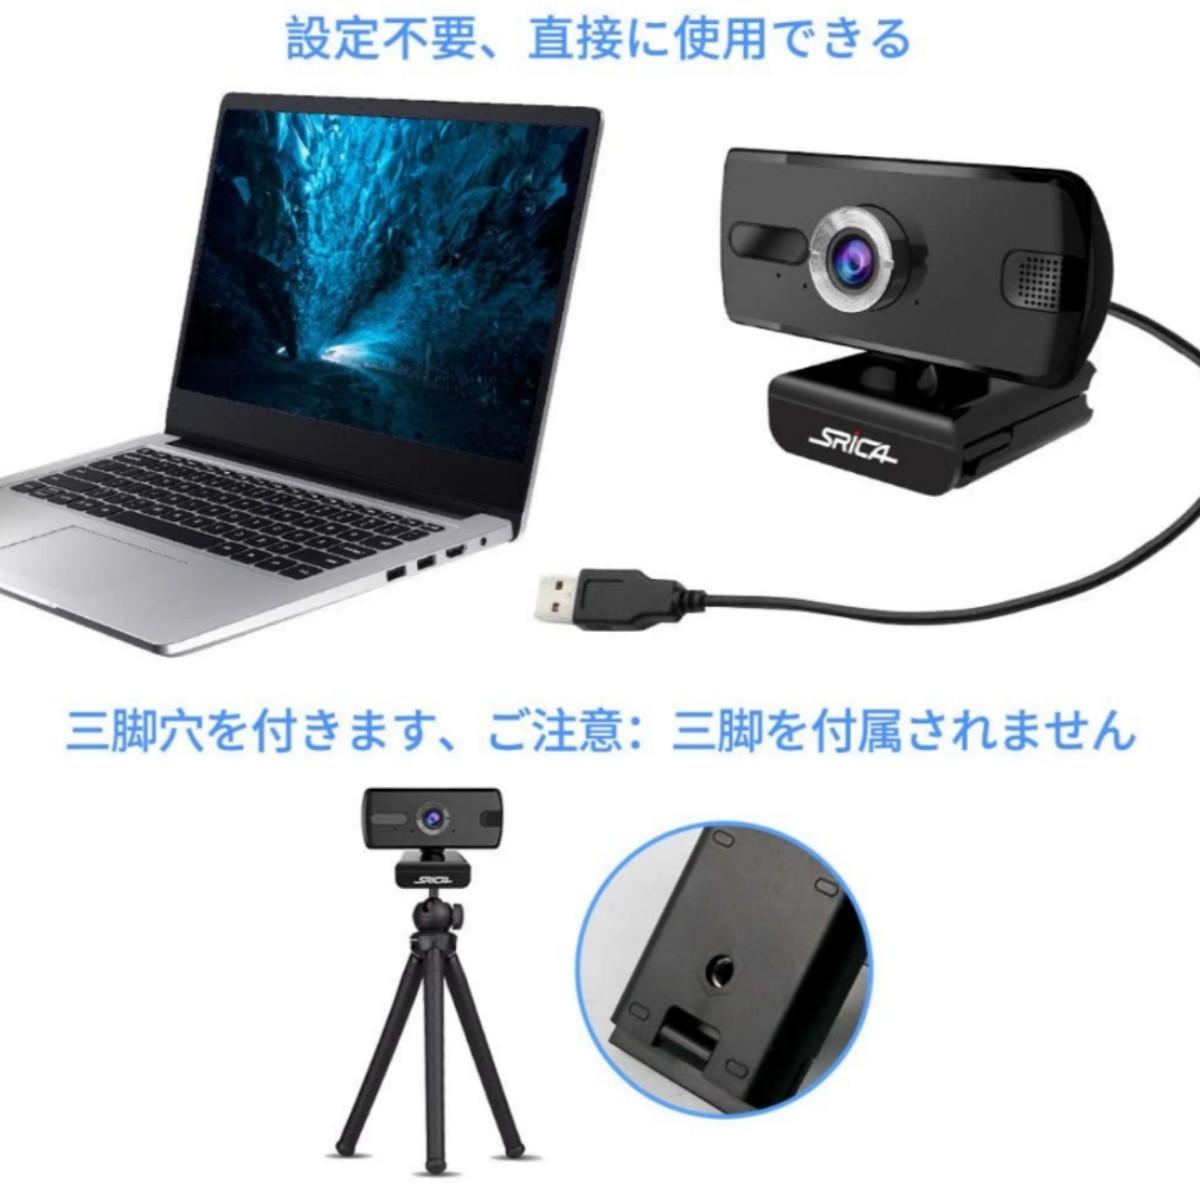 ウェブカメラ フルHD 高画質 Webカメラ 300万画素 フルHD 110°広角 内蔵マイク付 USB電源